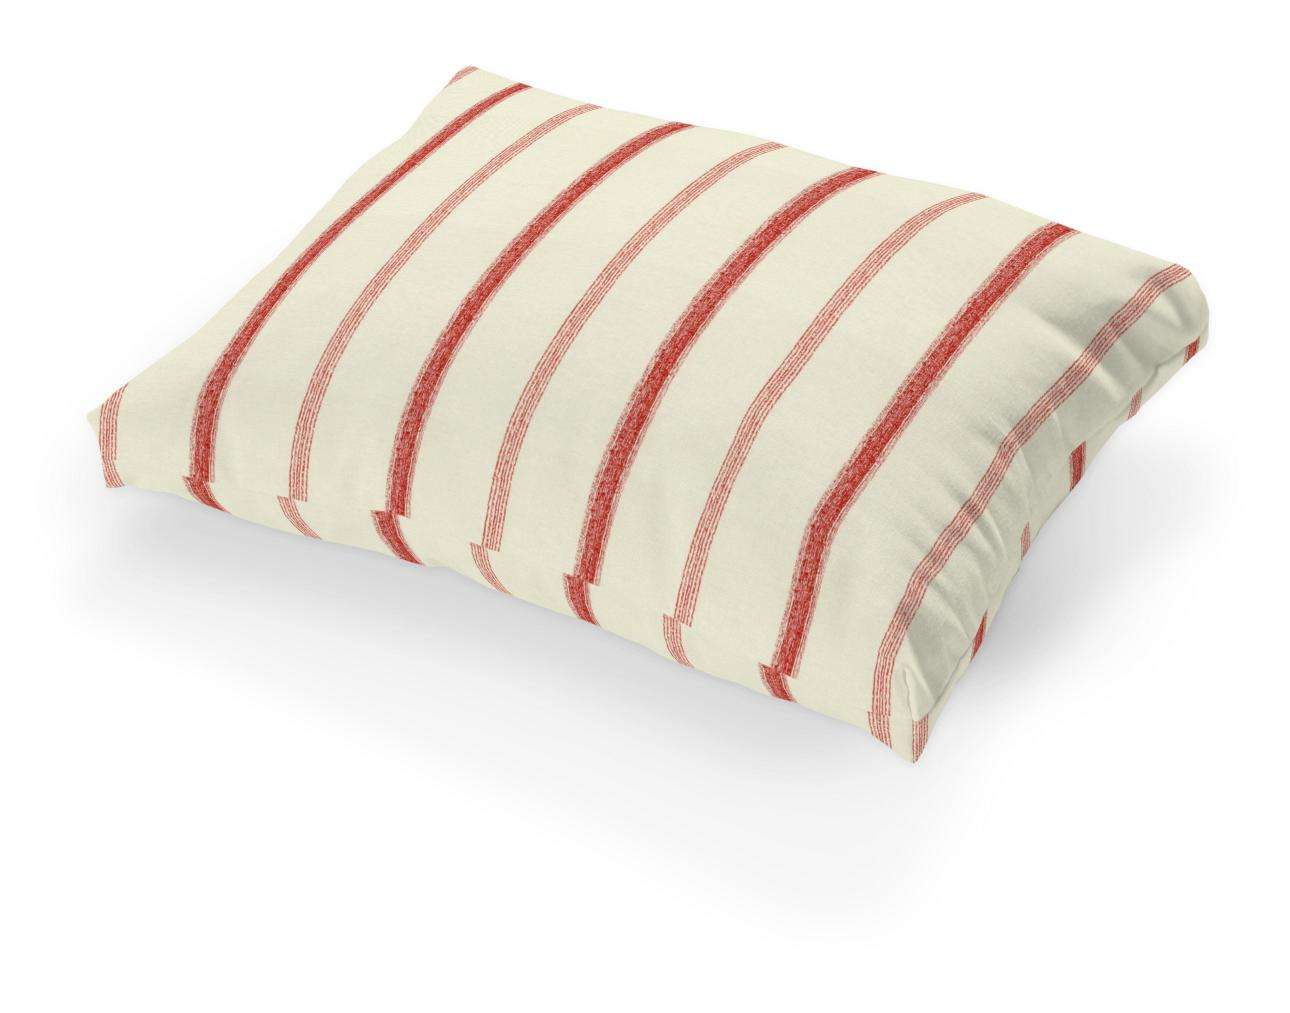 Tylösand pagalvėlės užvalkalas Tylösand pagalvėlė kolekcijoje Avinon, audinys: 129-15